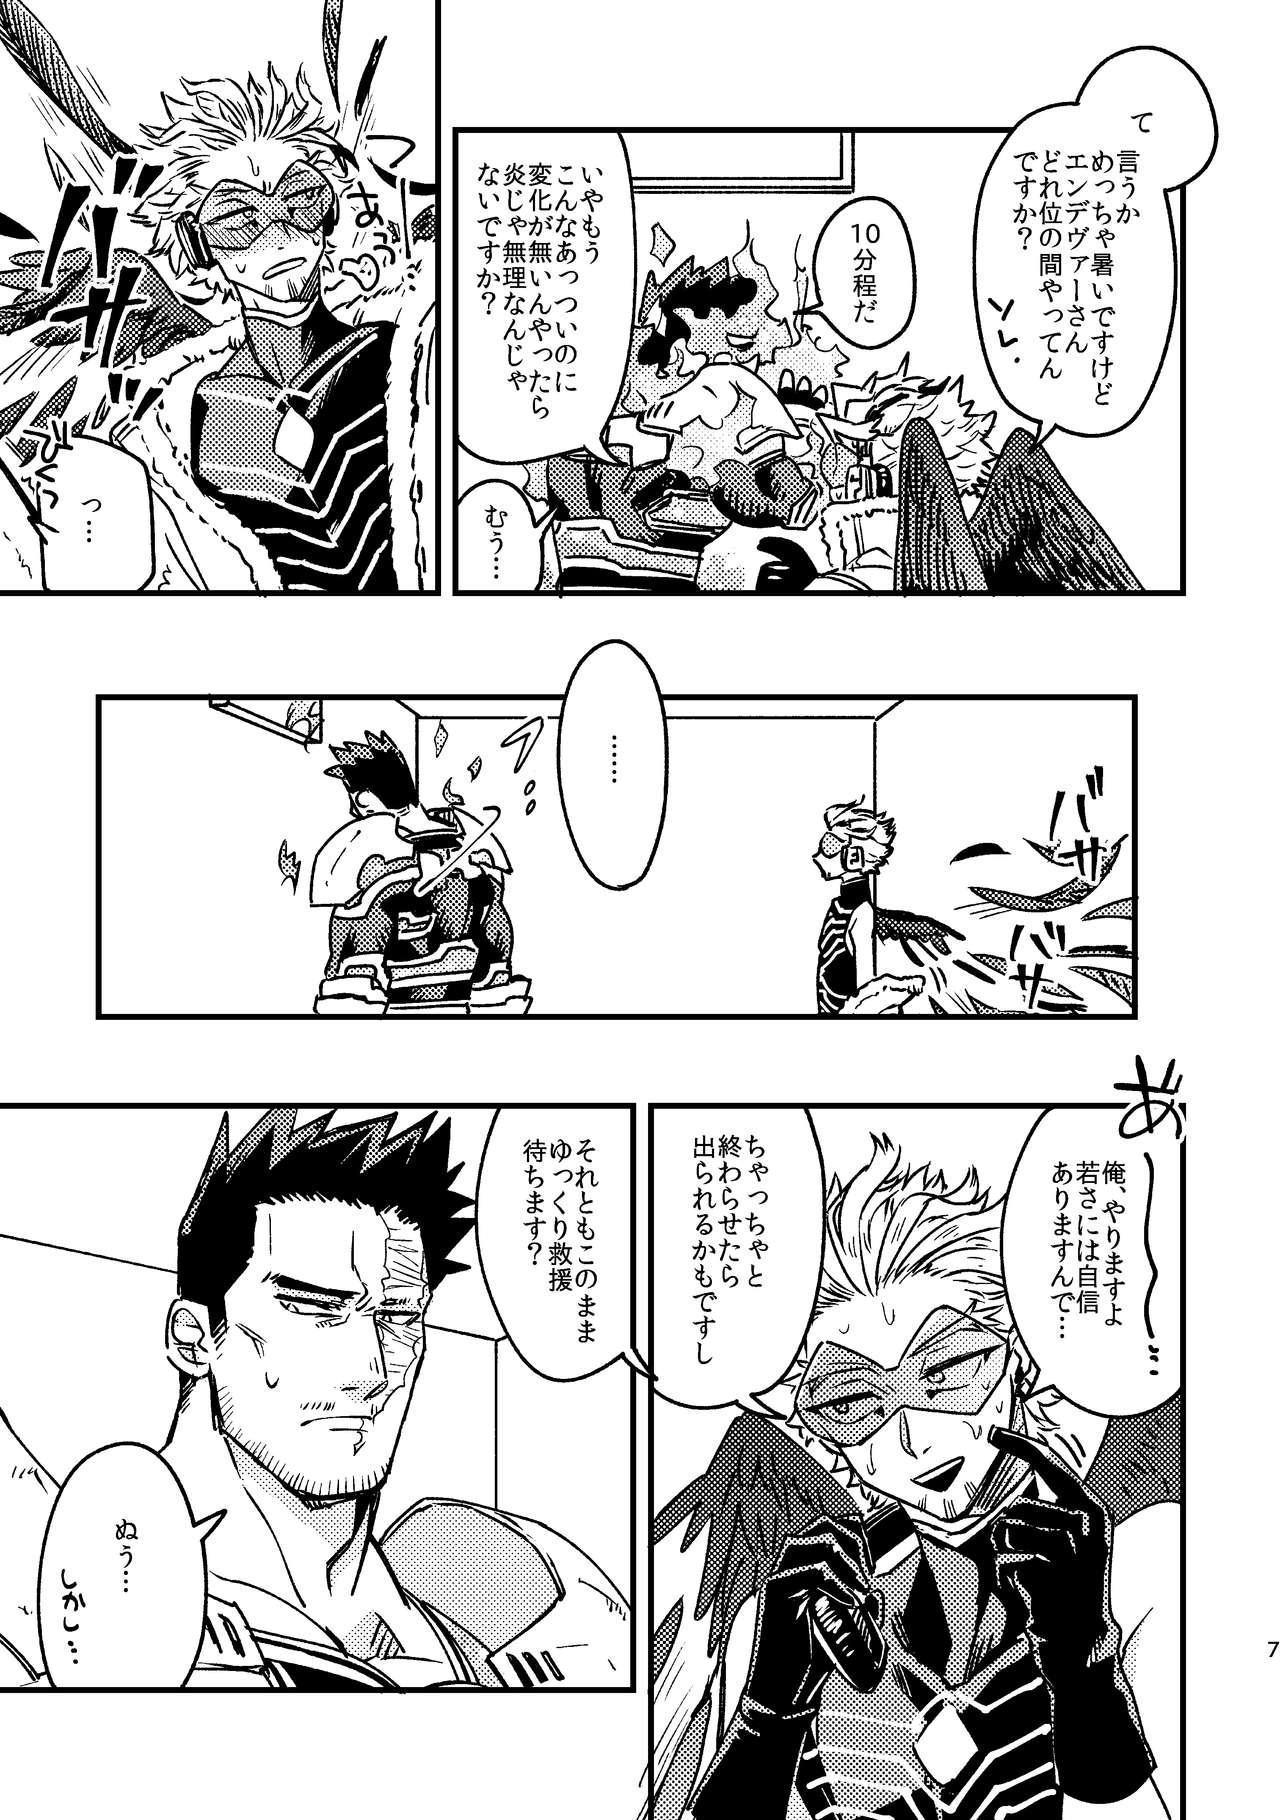 WEB Sairoku Zumi HawEn Manga ga Kami demo Yomeru Hon. 6